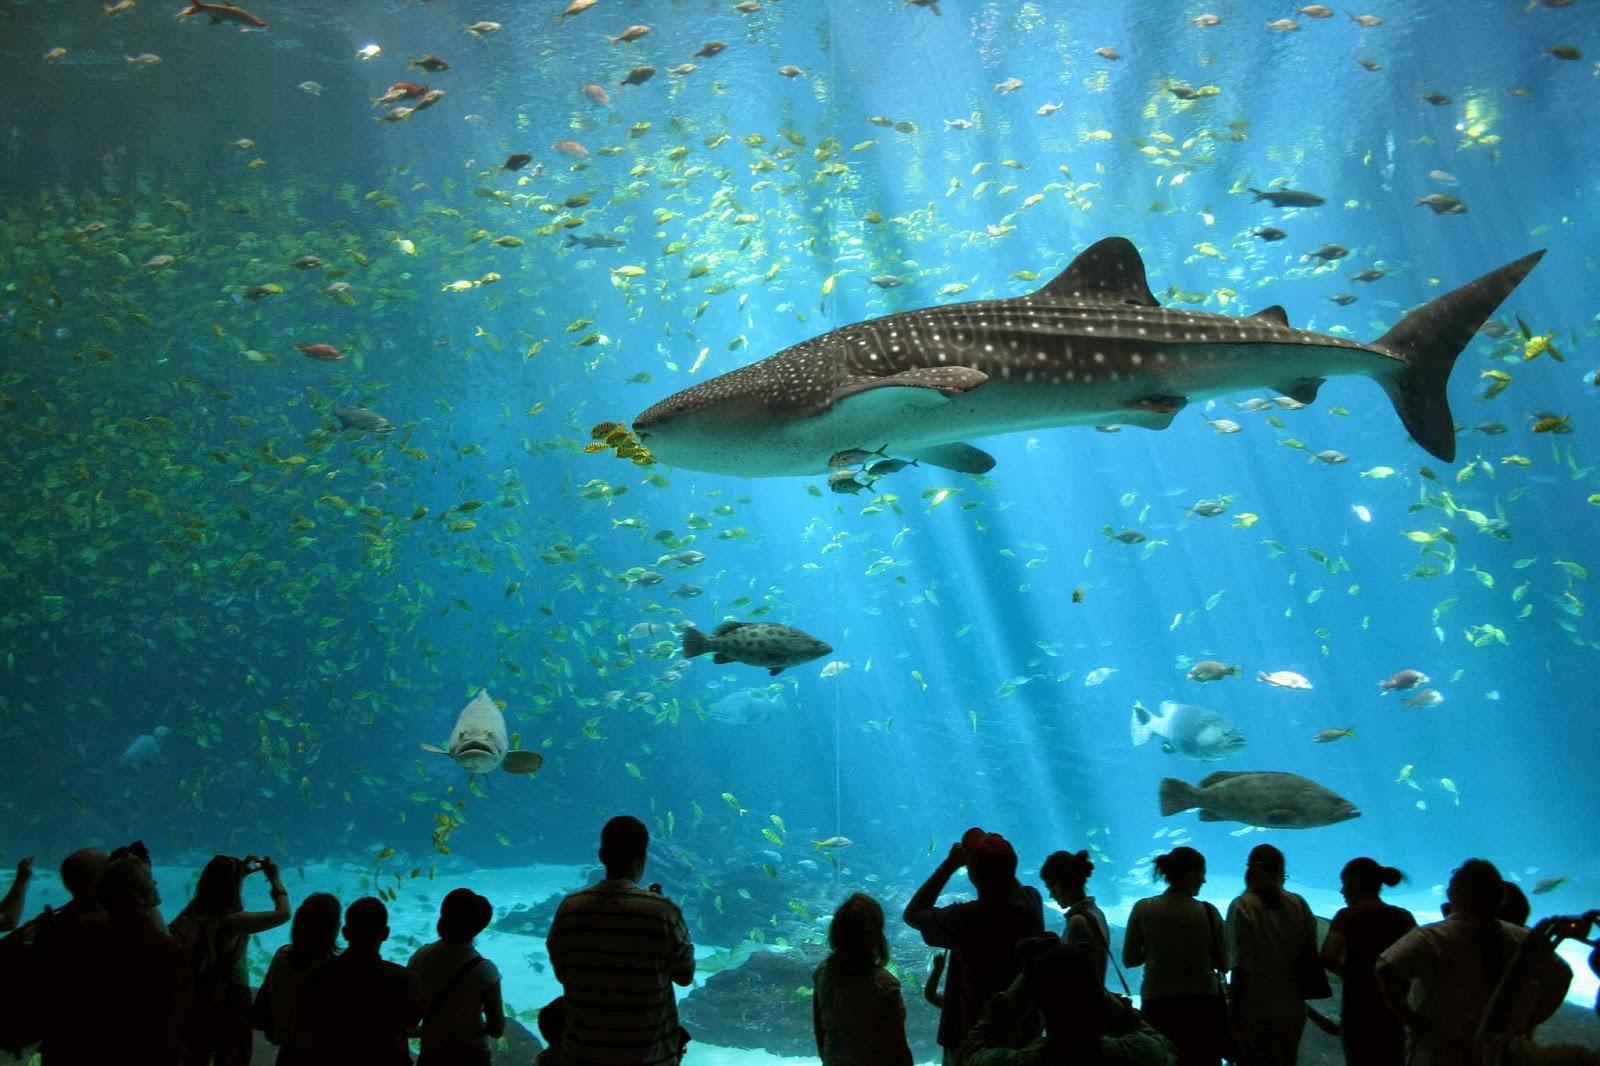 بالصور اكبر حوض اسماك في العالم , احلى انواع الاسماك 677